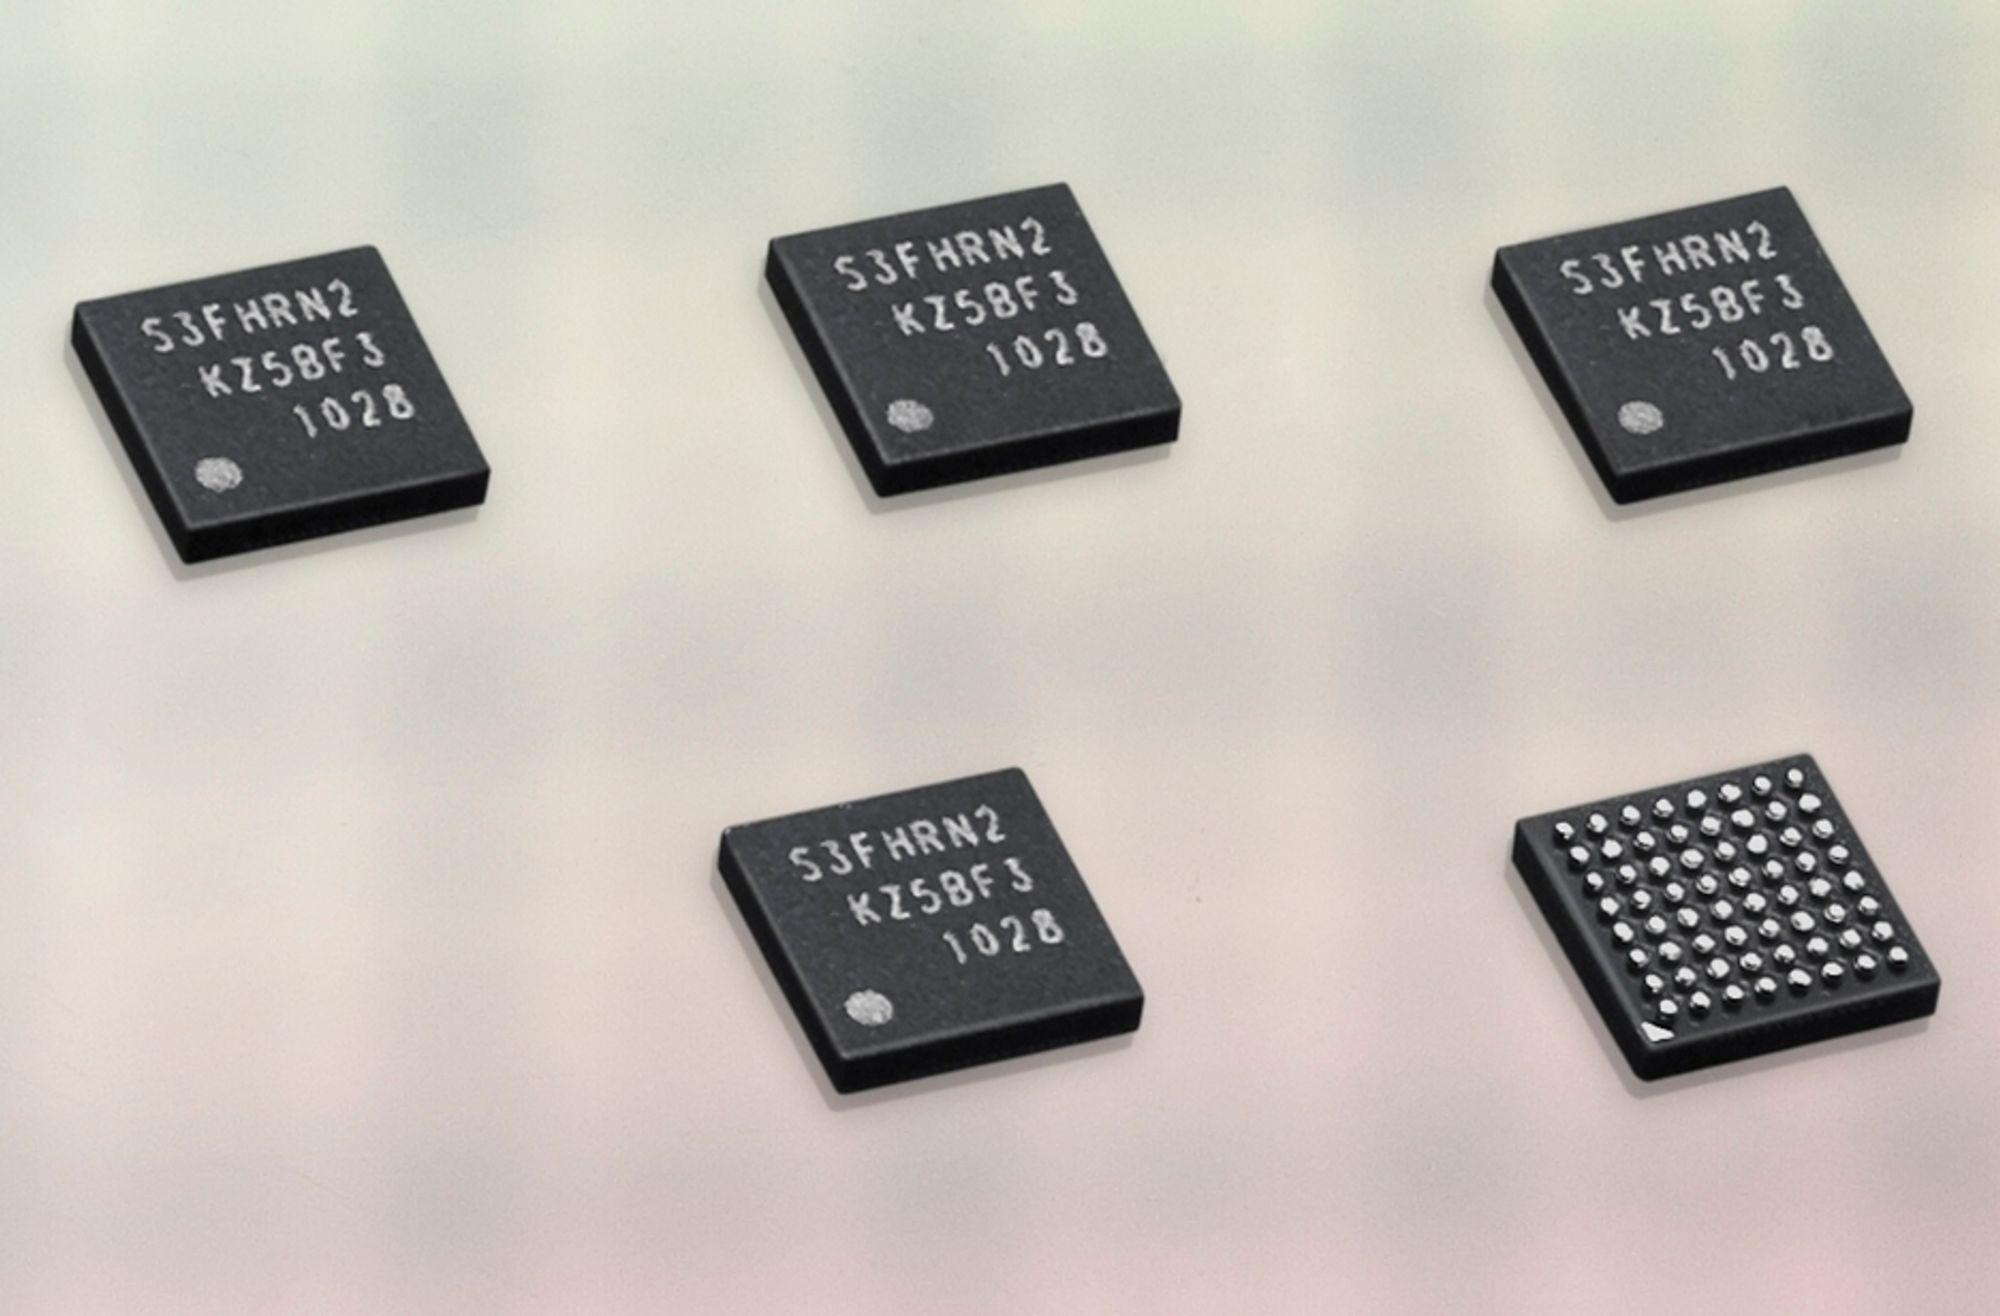 GJERRIG: Den nye NFC-brikken skal være så gjerrig på strømforbruket at den skal fungere selv om mobilbatteriet er utladet.